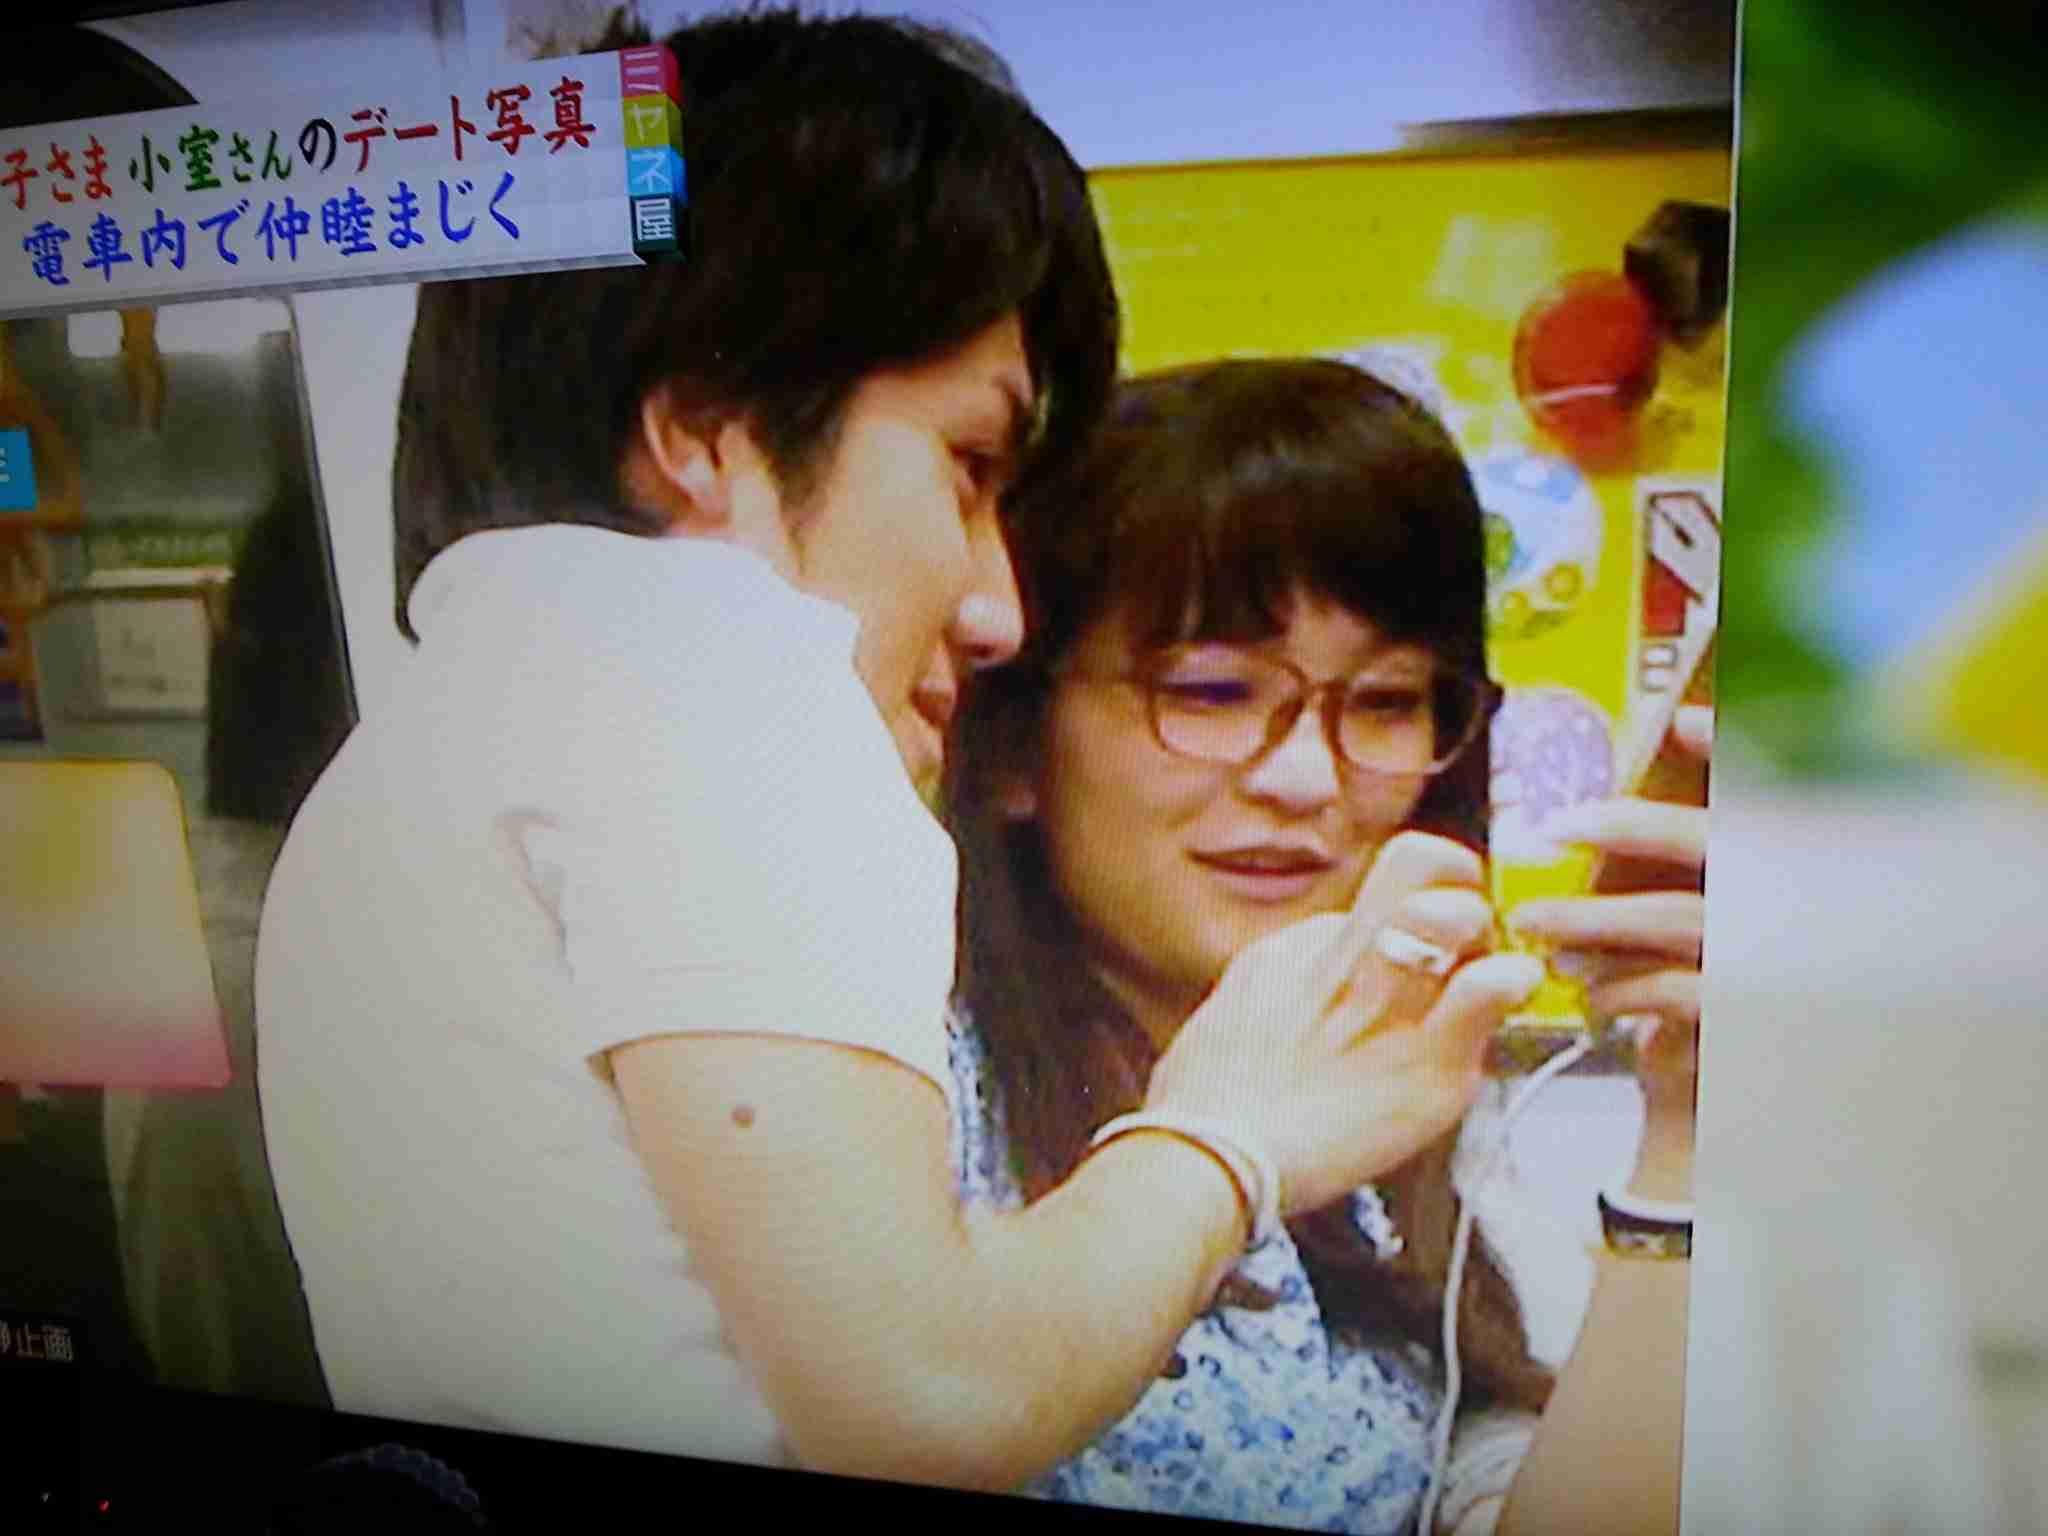 眞子さまと婚約へ 小室圭さんが会見「時期が参りましたら…」